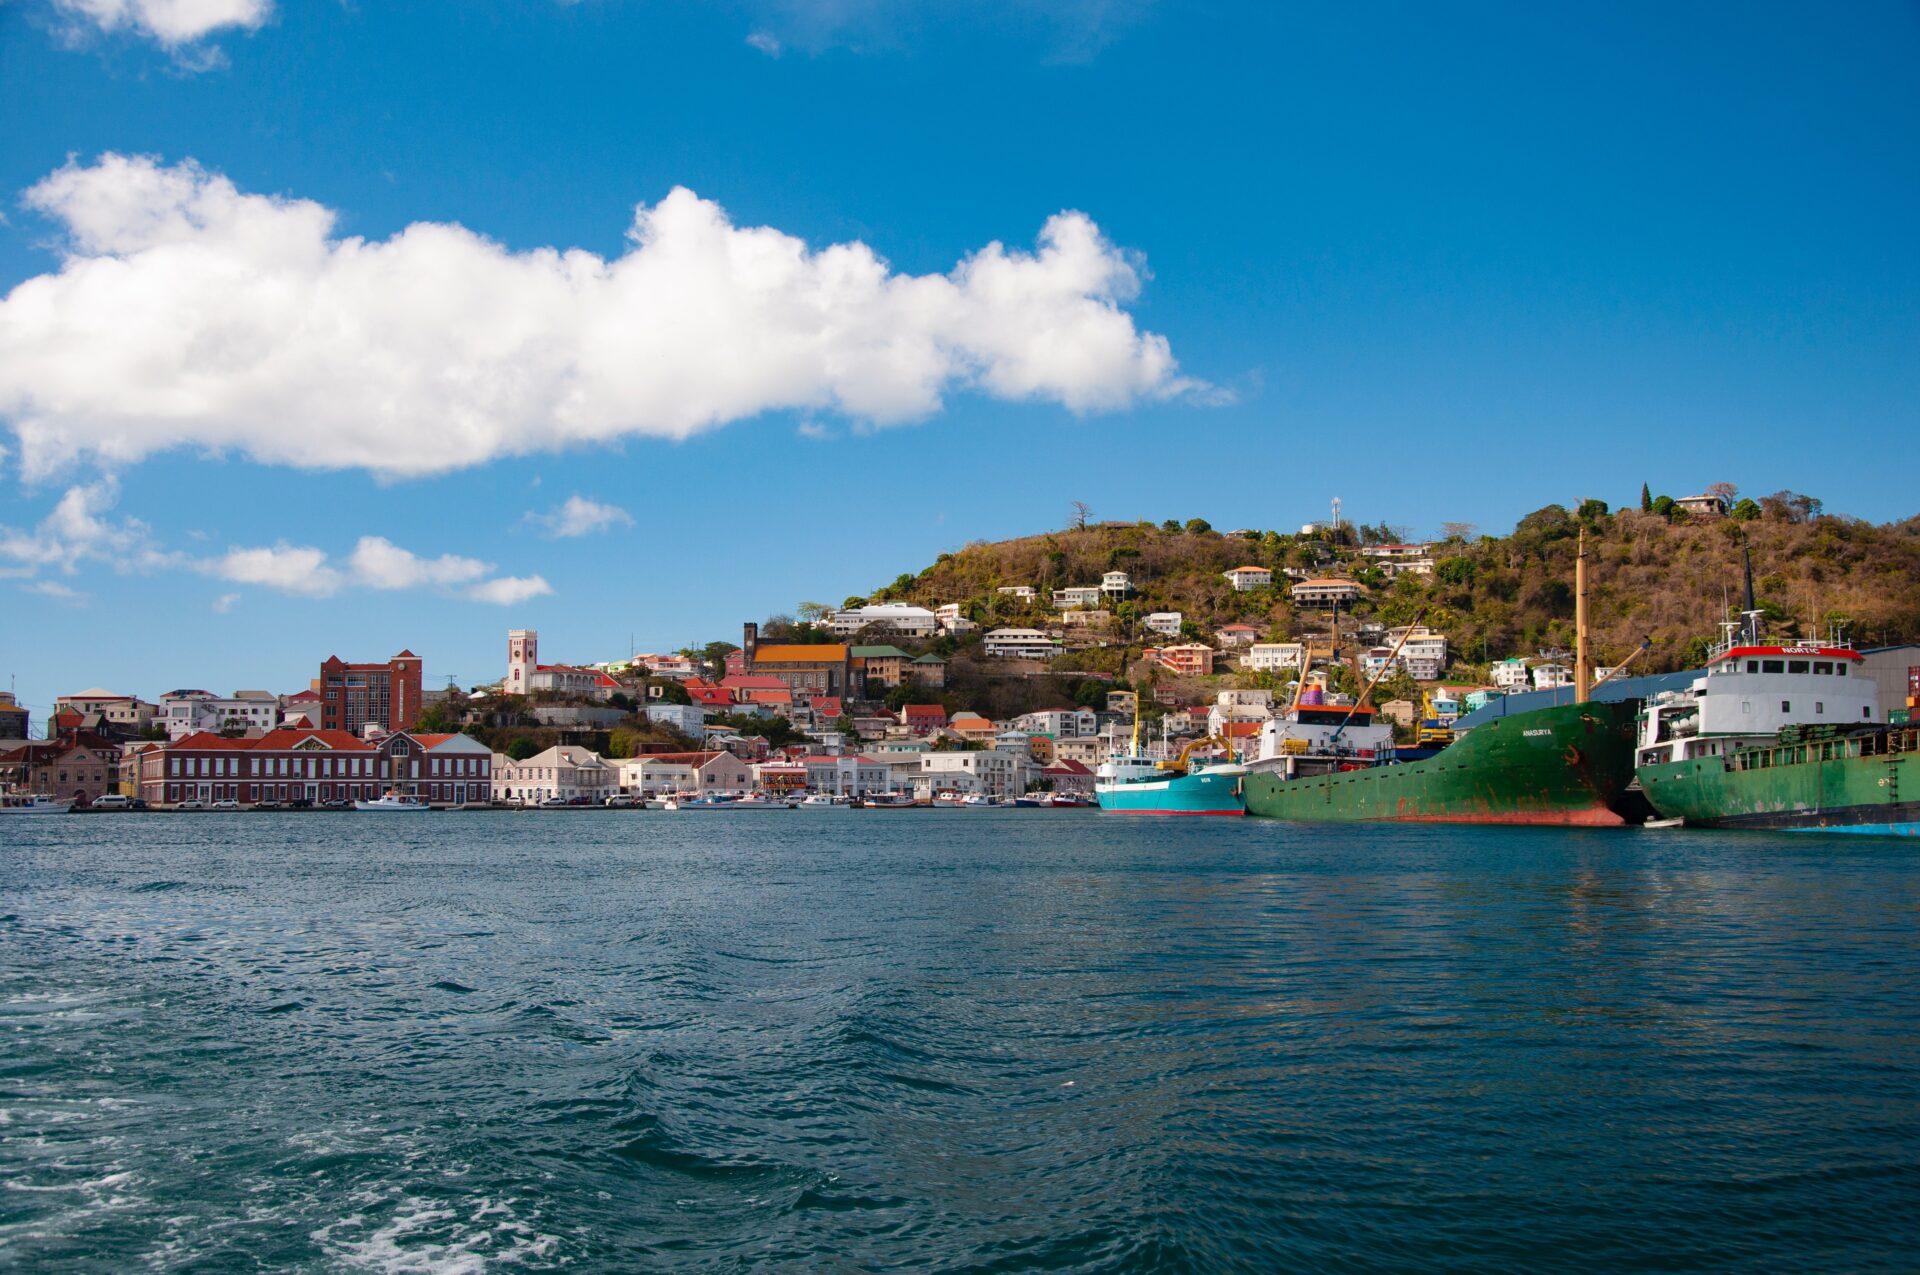 elaine-brewer-Saint George, Grenada-unsplash